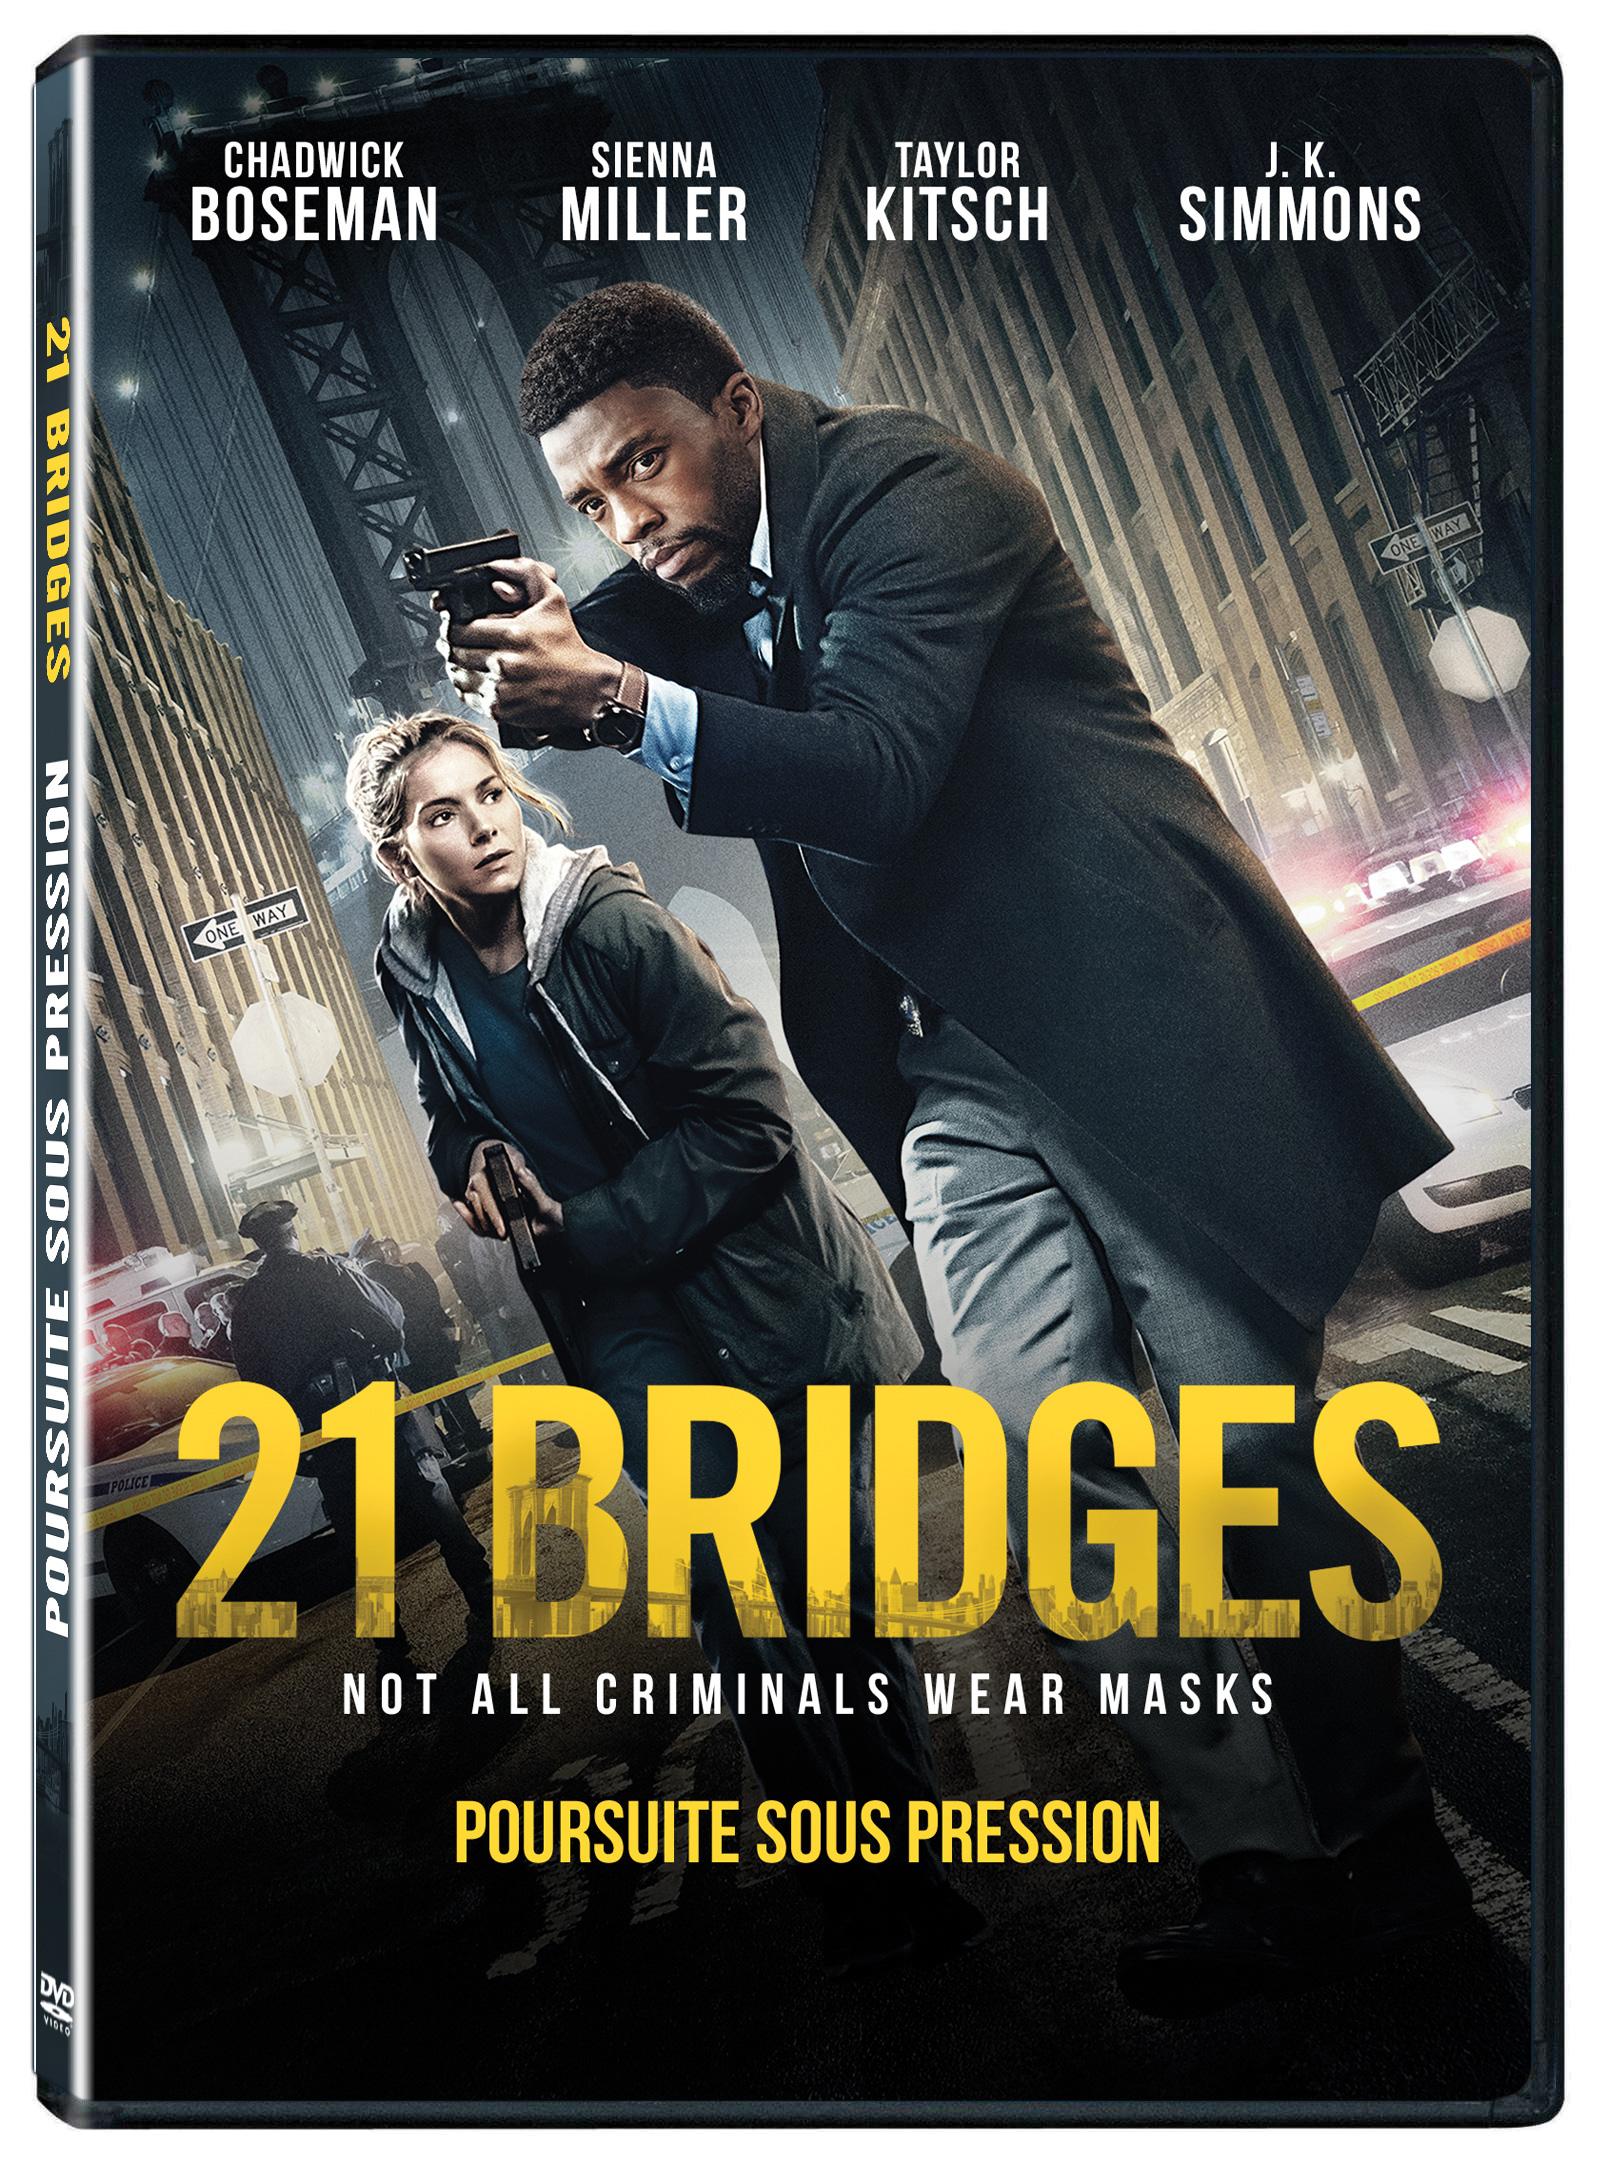 21 Bridges Film